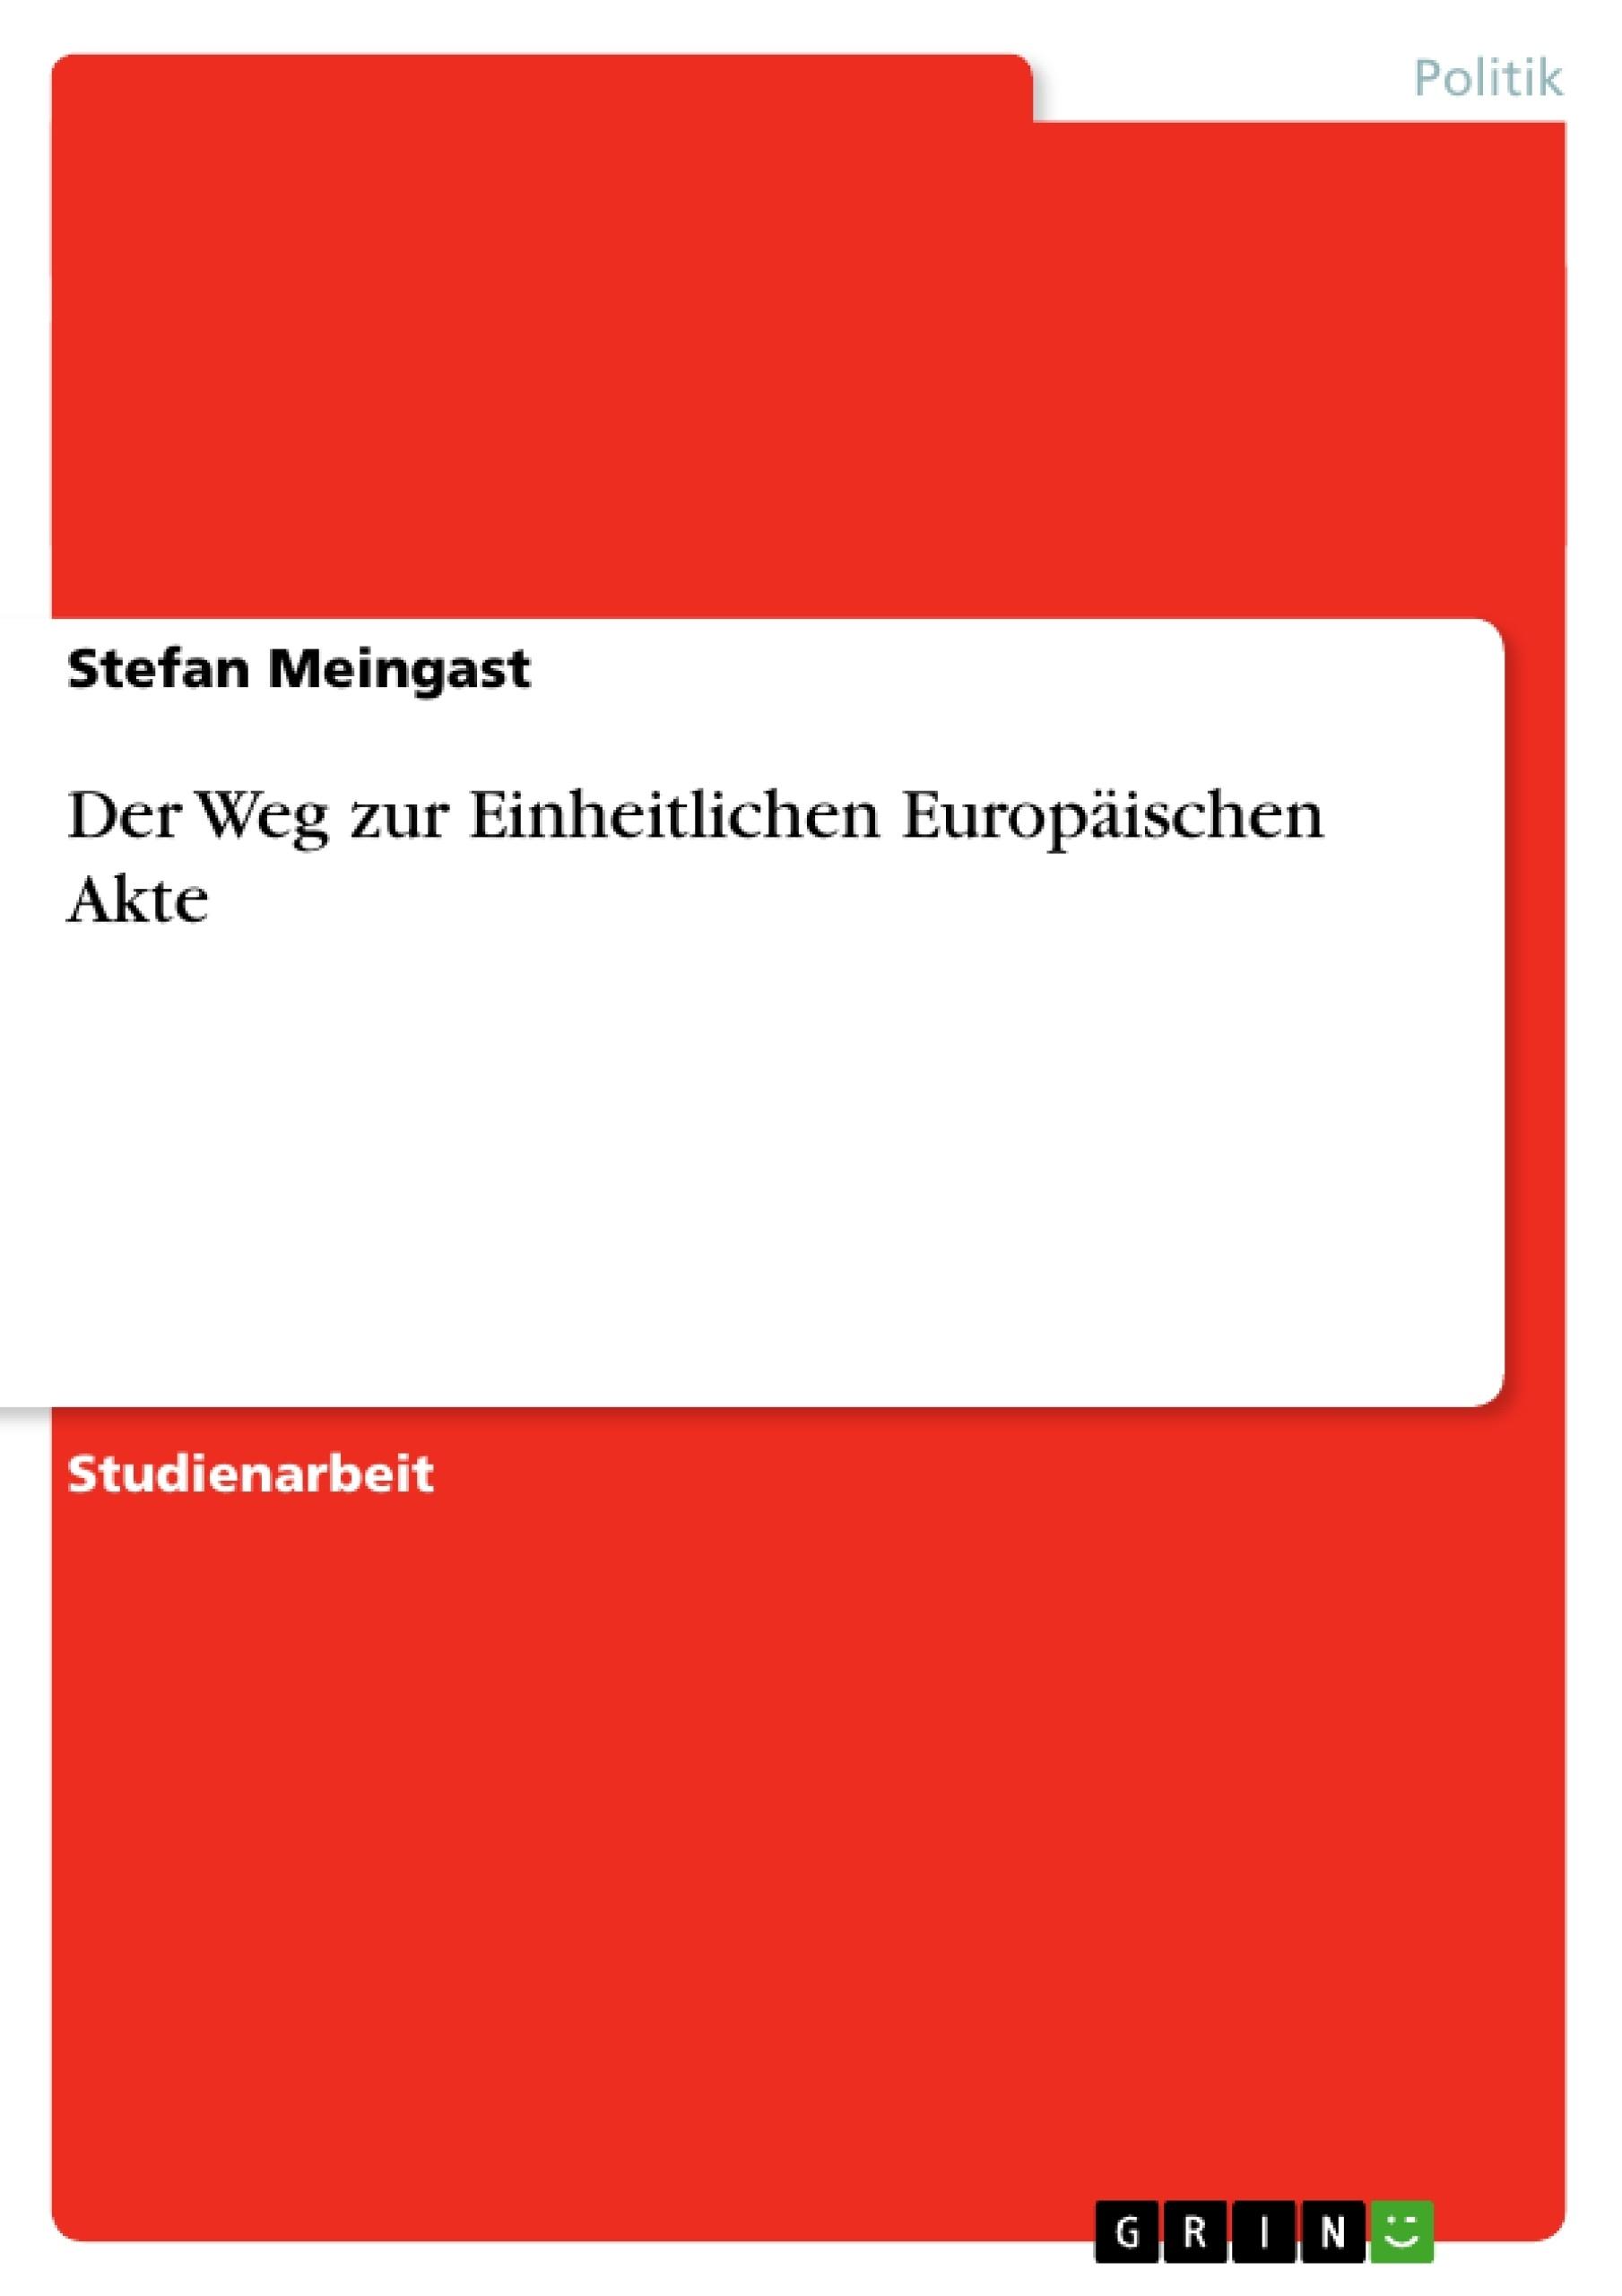 Titel: Der Weg zur Einheitlichen Europäischen Akte